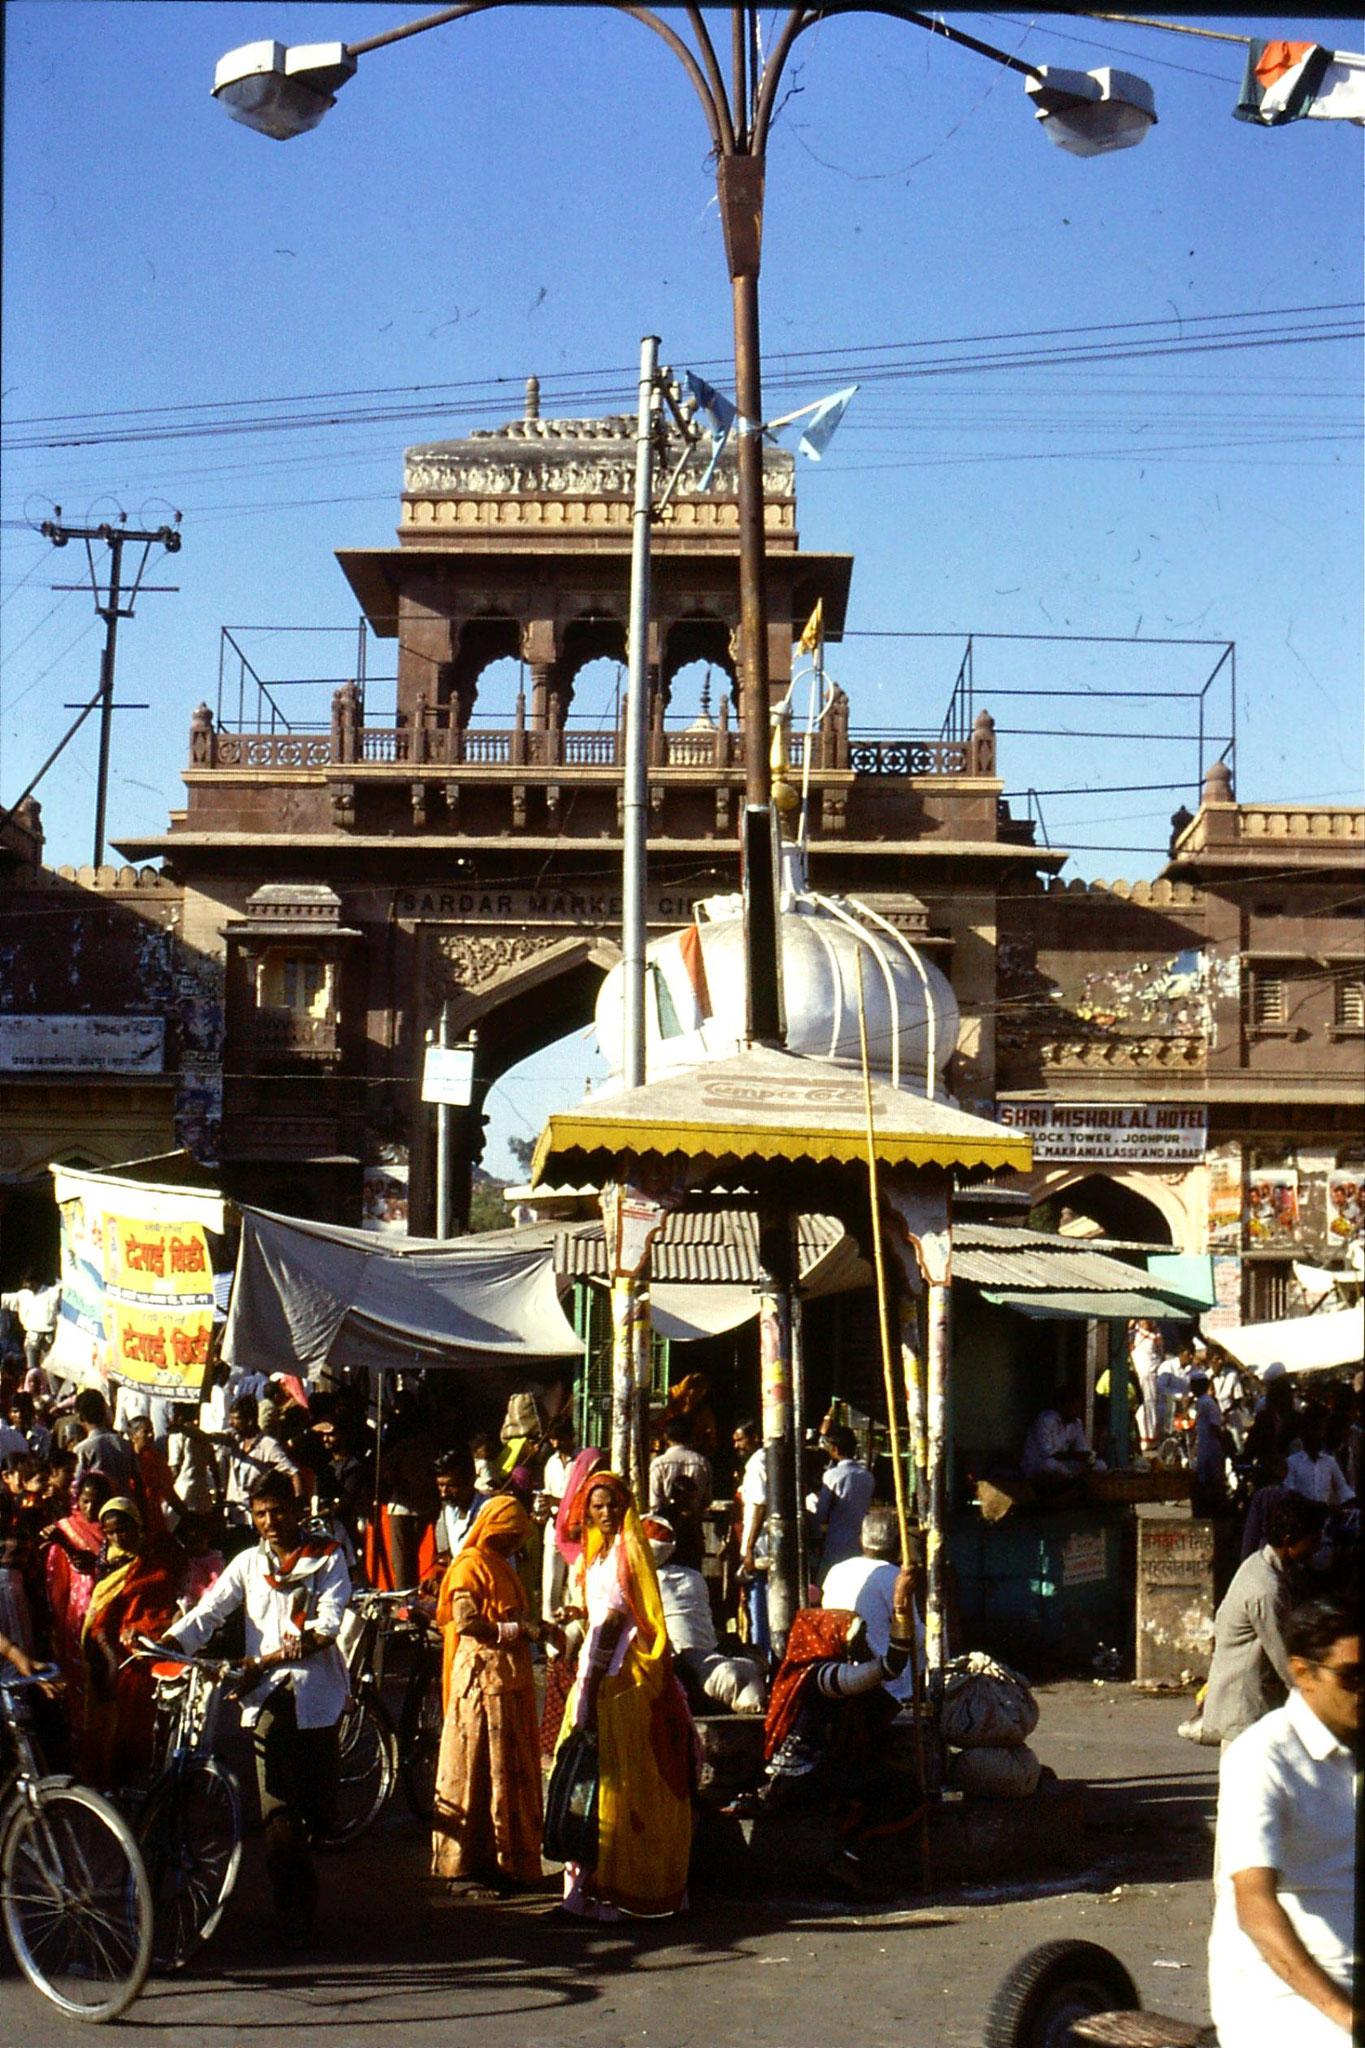 28/11/1989: 29: Jodhpur market gate